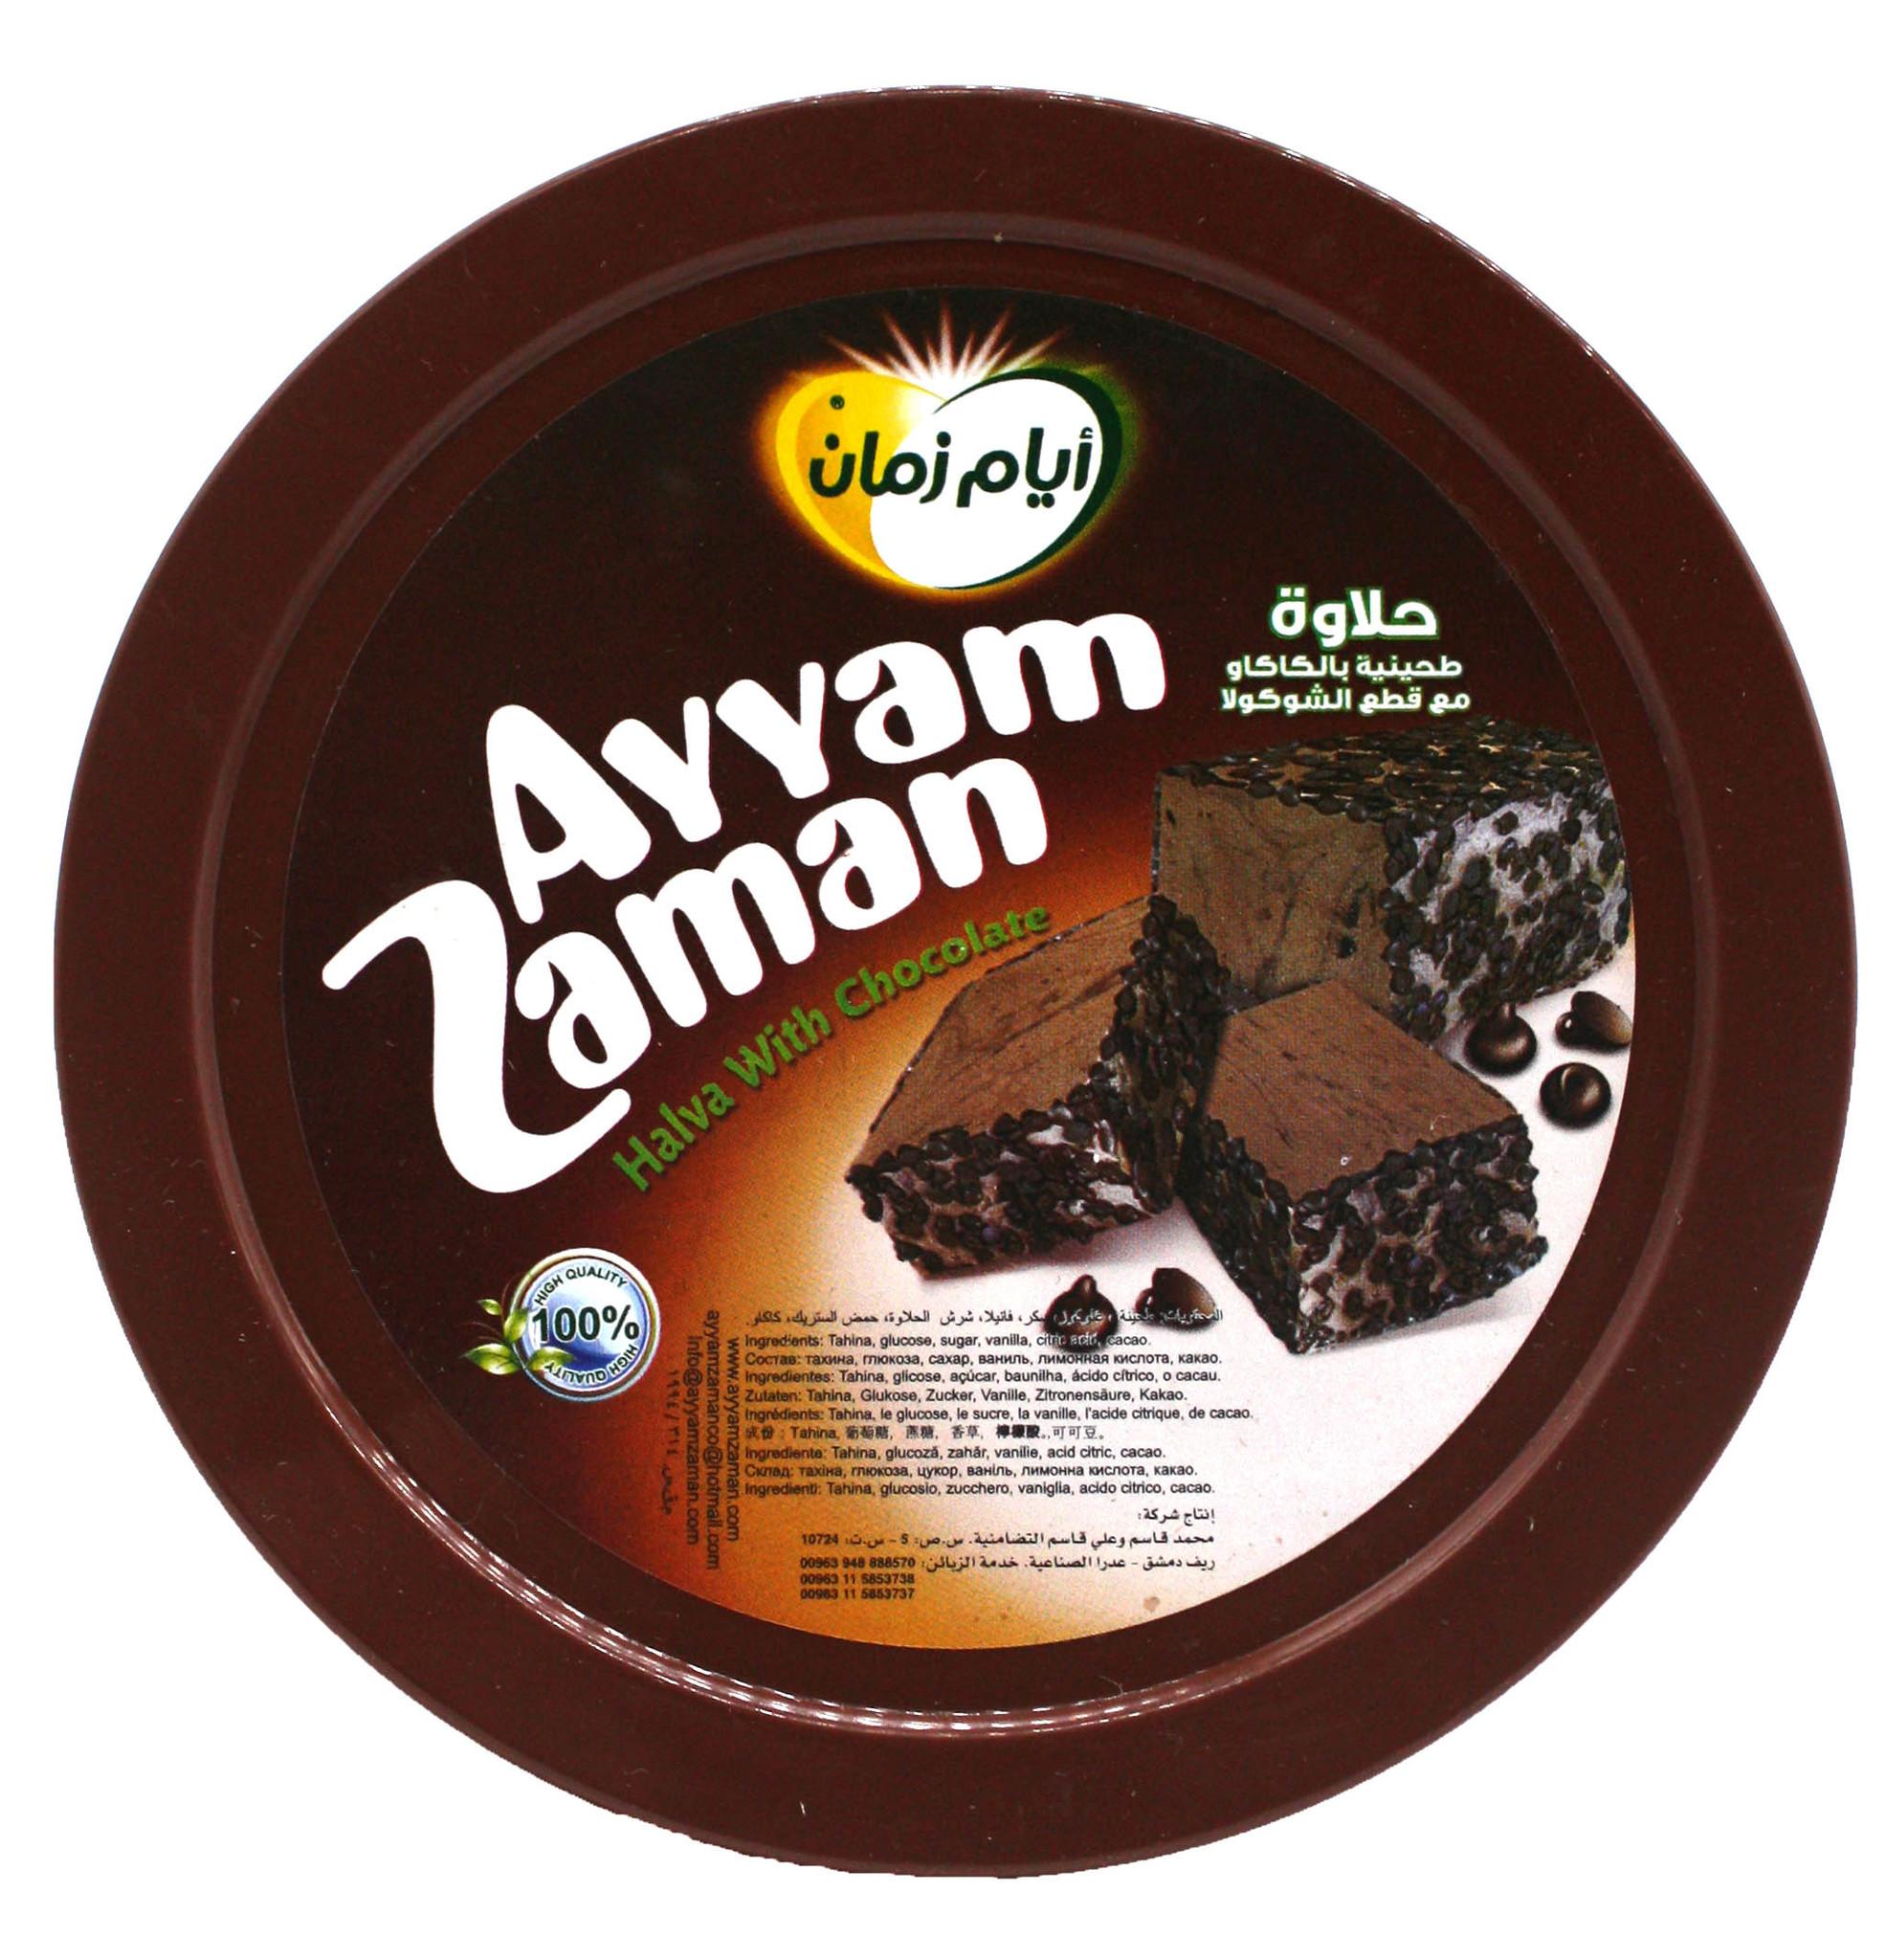 Кунжутная Халва Халва кунжутная шоколадная Ayyam Zaman, 400 г import_files_db_db7d7a31f86411e8a9a1484d7ecee297_0ccbf3bbfde811e8a9a1484d7ecee297.jpg